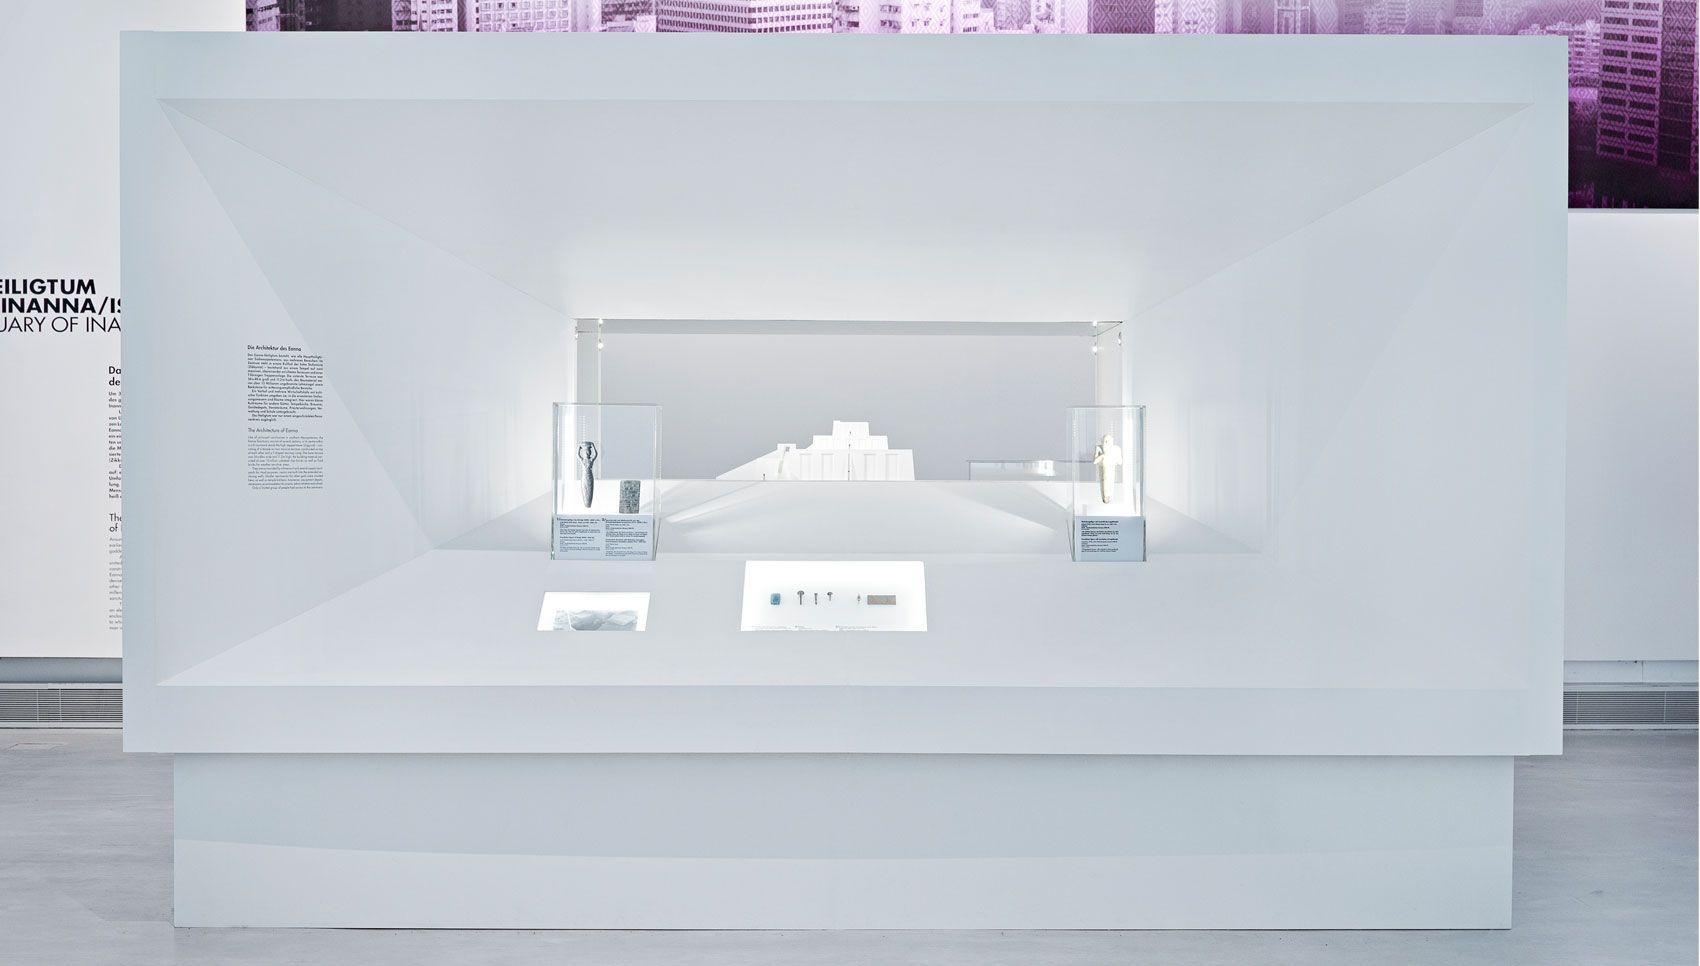 Uruk 5000 Jahre Megacity Pergamonmuseum Berlin In 2020 Architektur Ausstellung